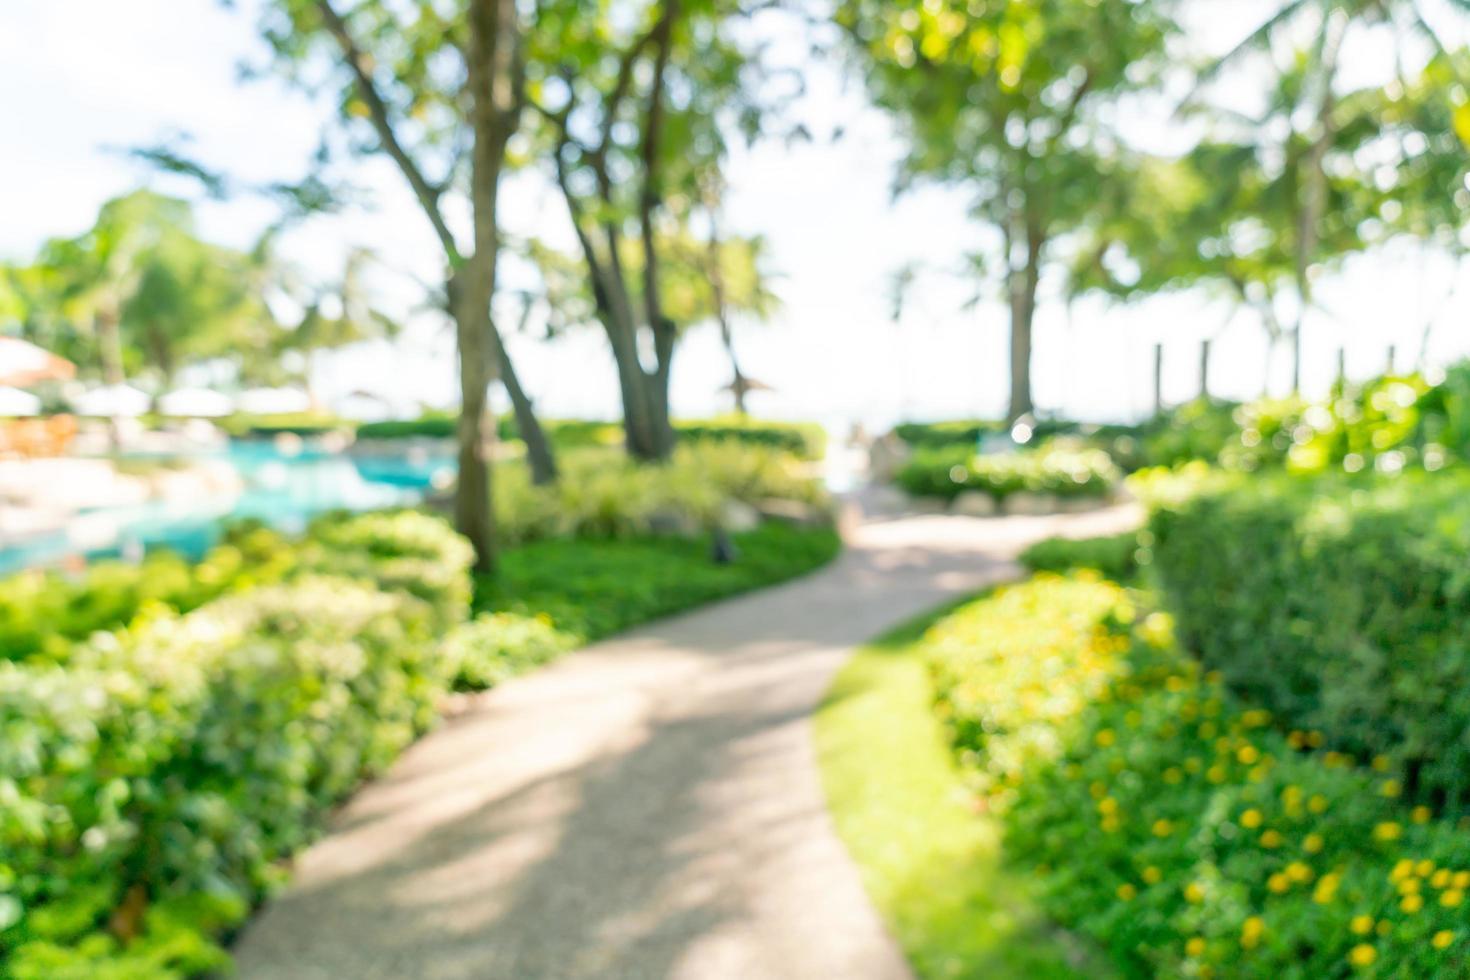 Resort de hotel de lujo de desenfoque abstracto para el fondo - concepto de vacaciones y vacaciones foto